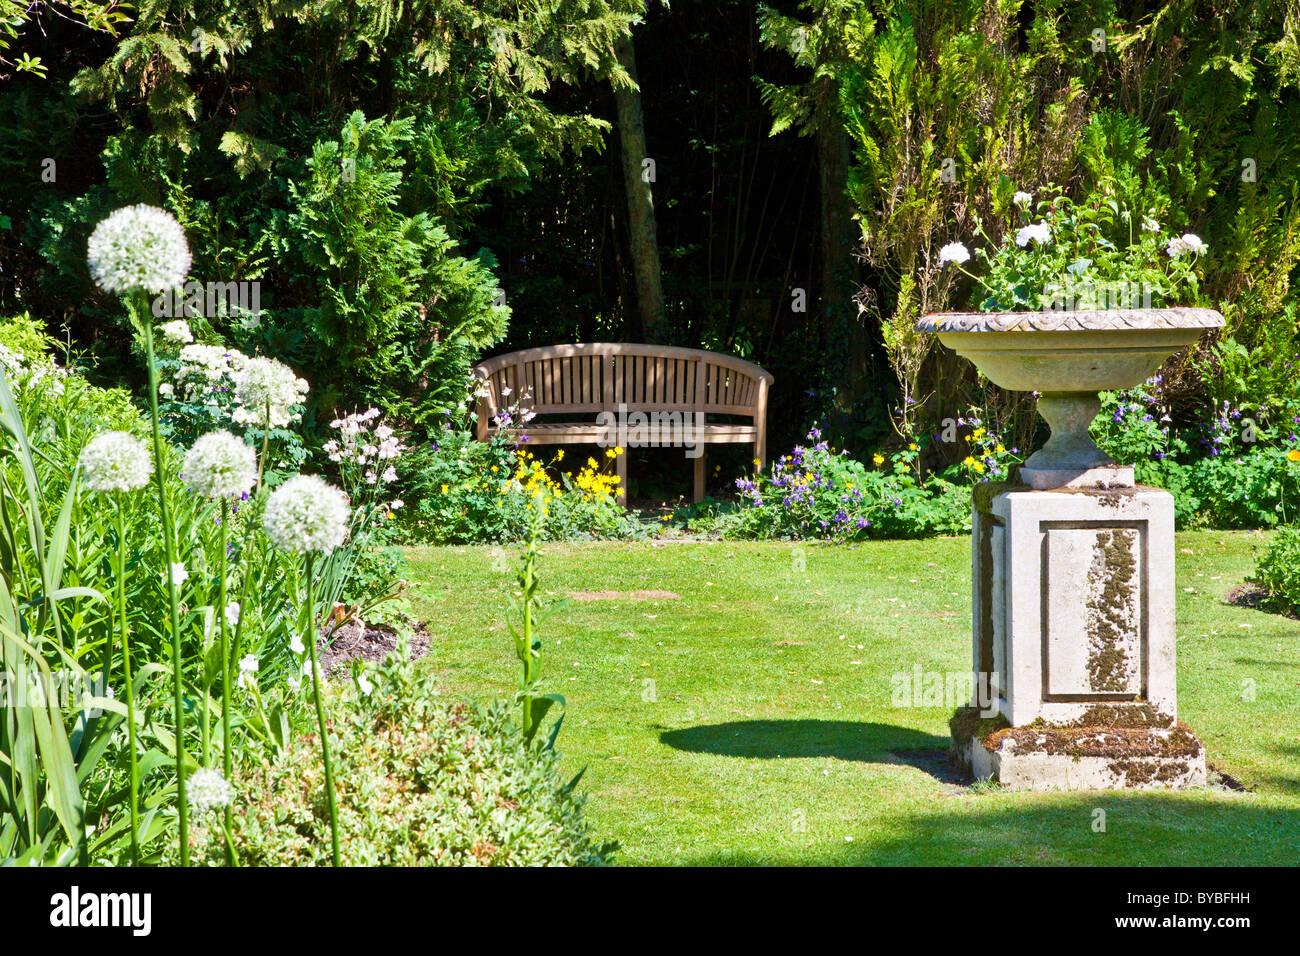 Eine kleine Liegewiese in einem englischen Landhaus Garten im